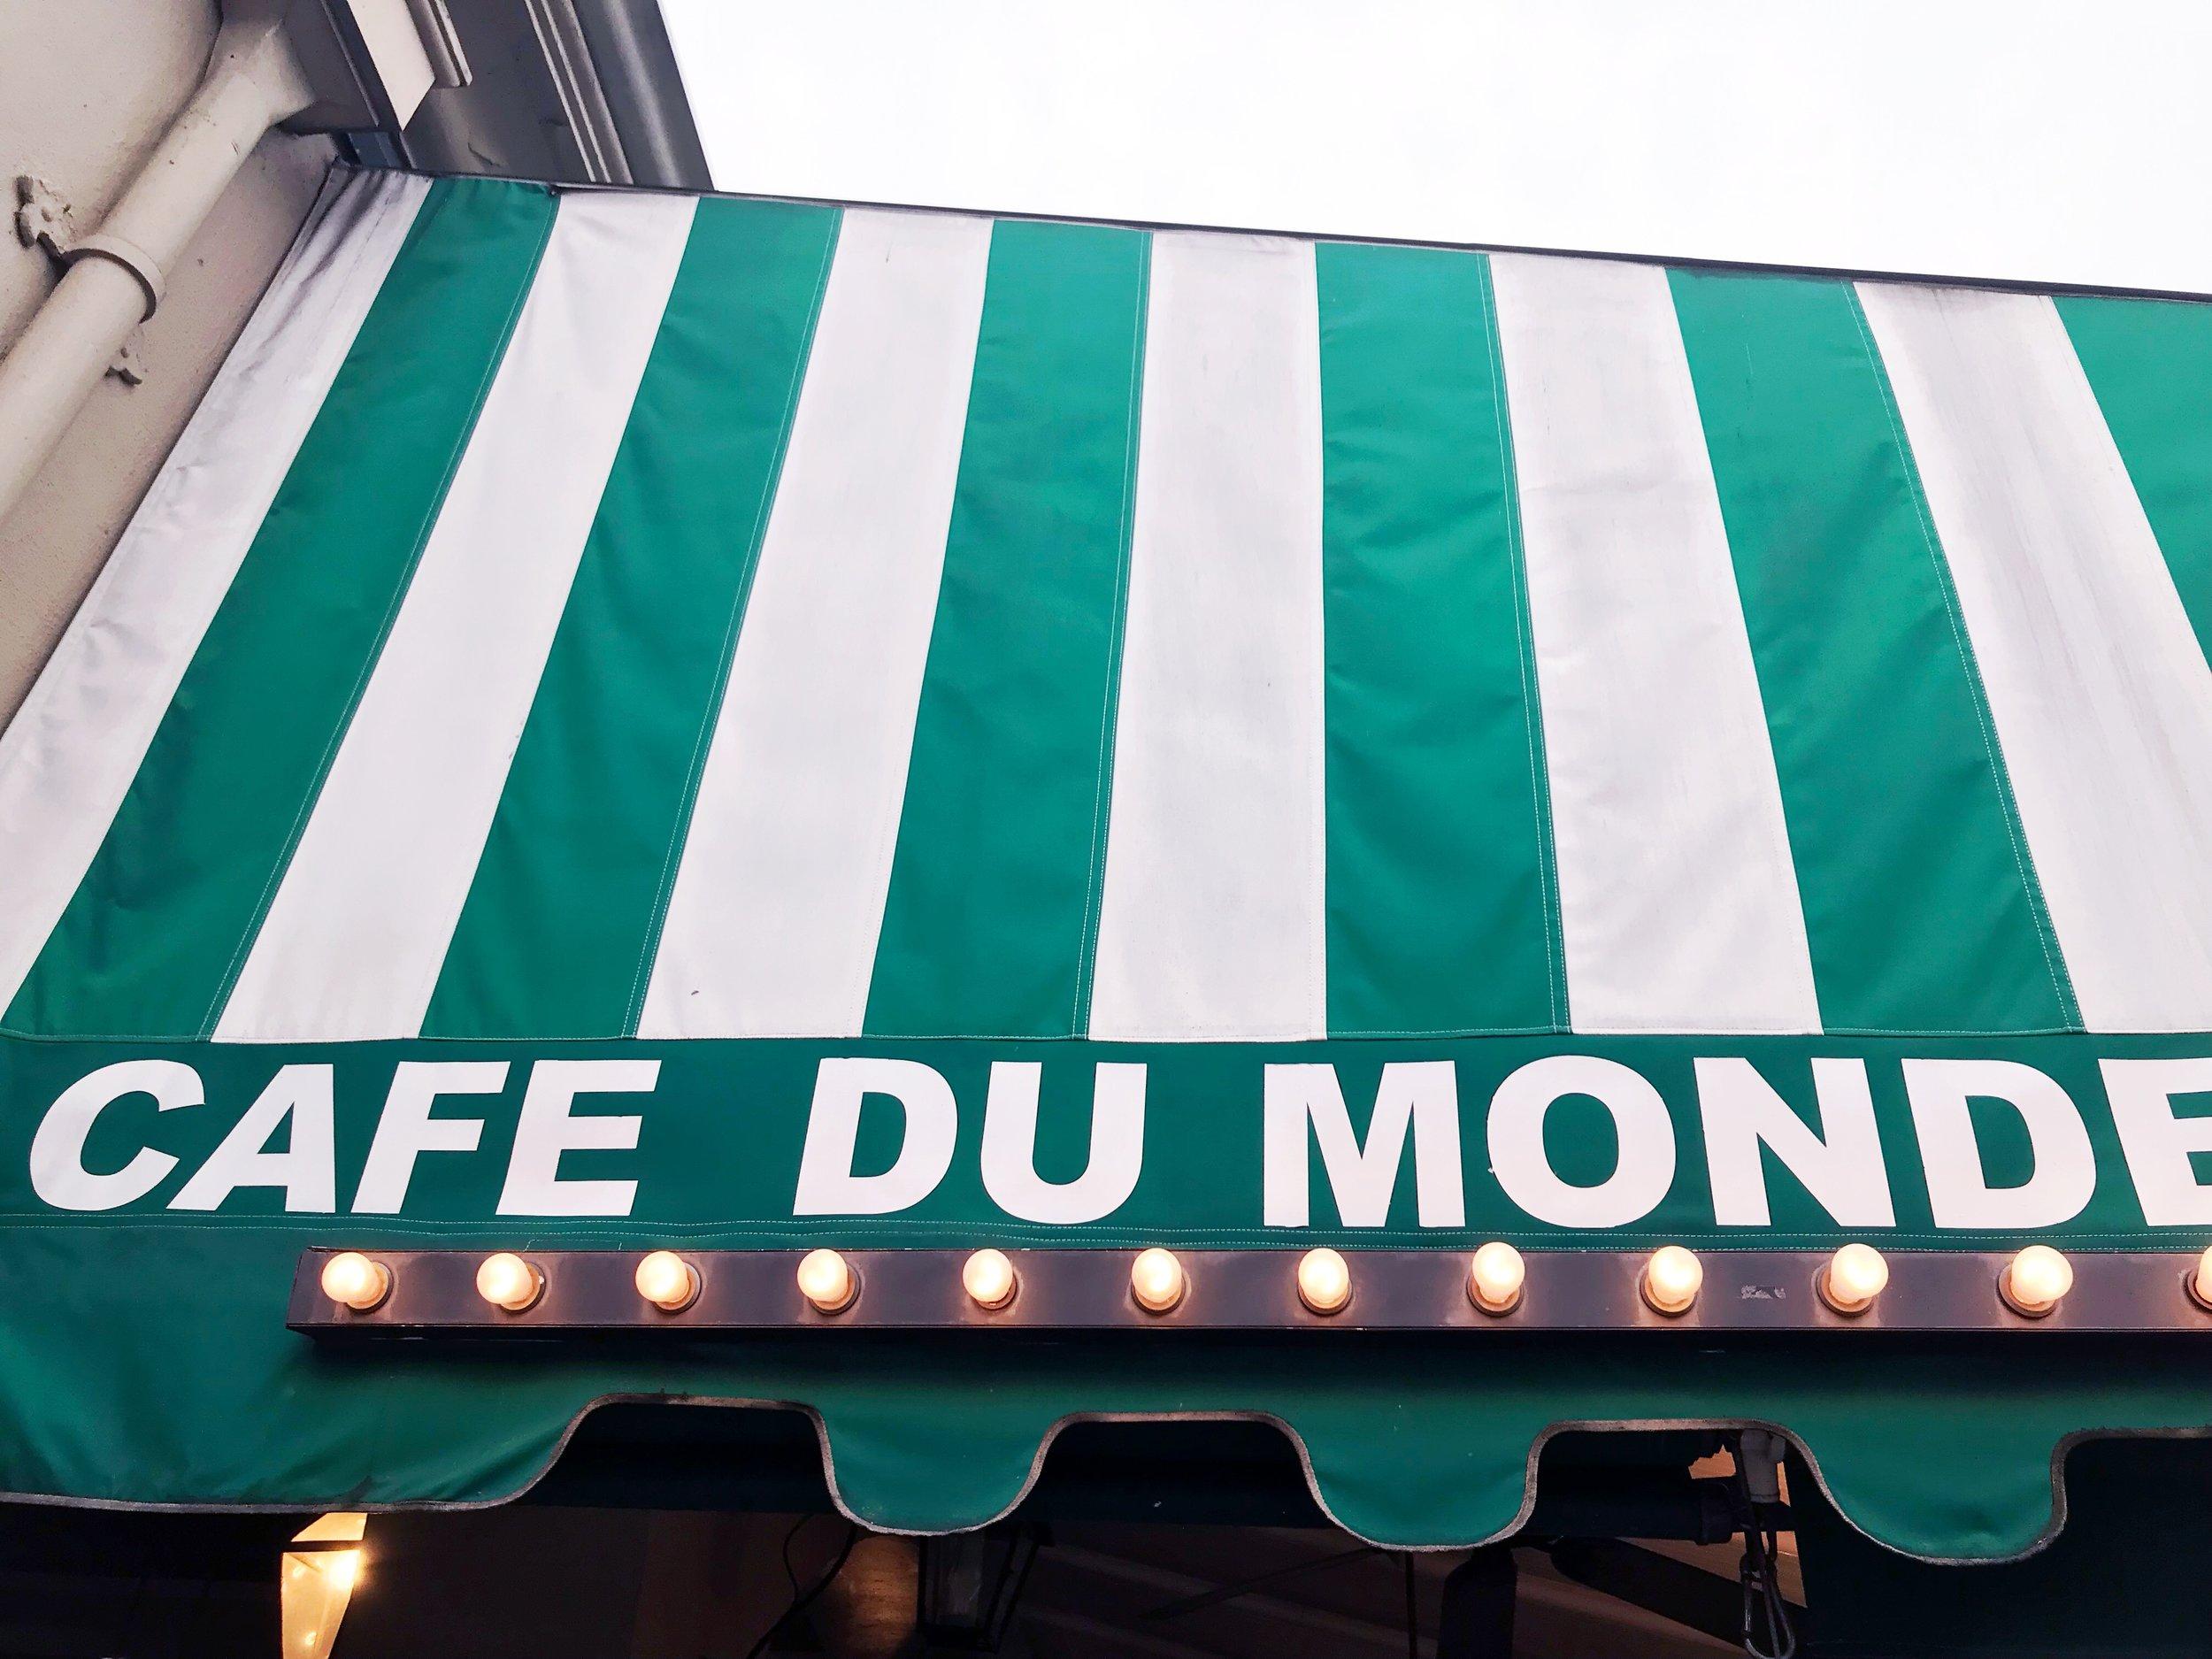 Cafe_Du_Monde.JPG